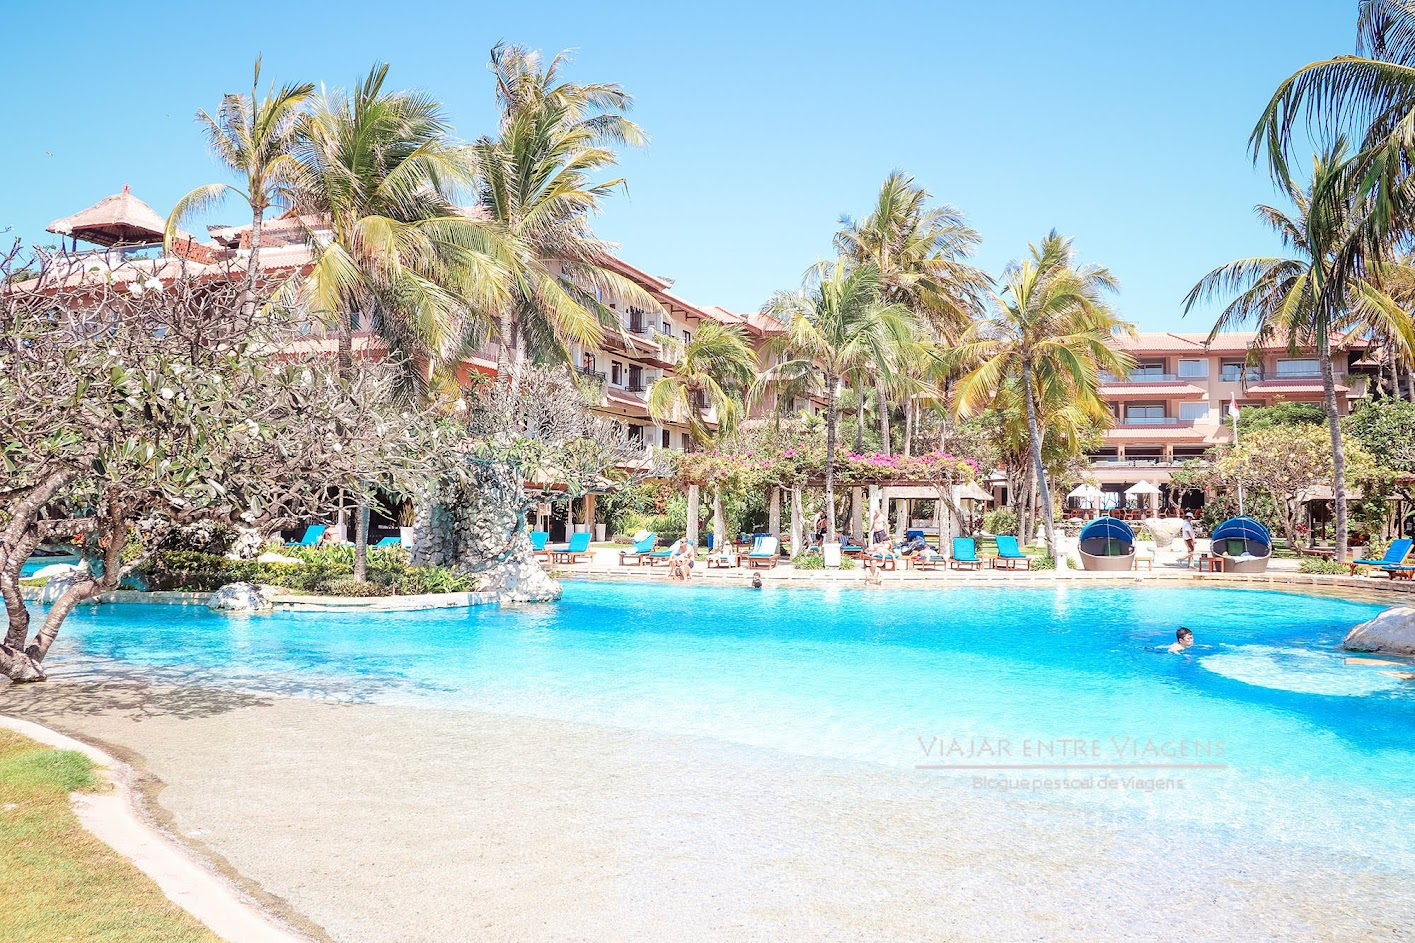 Hotel NIKKO BALI BENOA BEACH - Desfrutar do sul de Bali